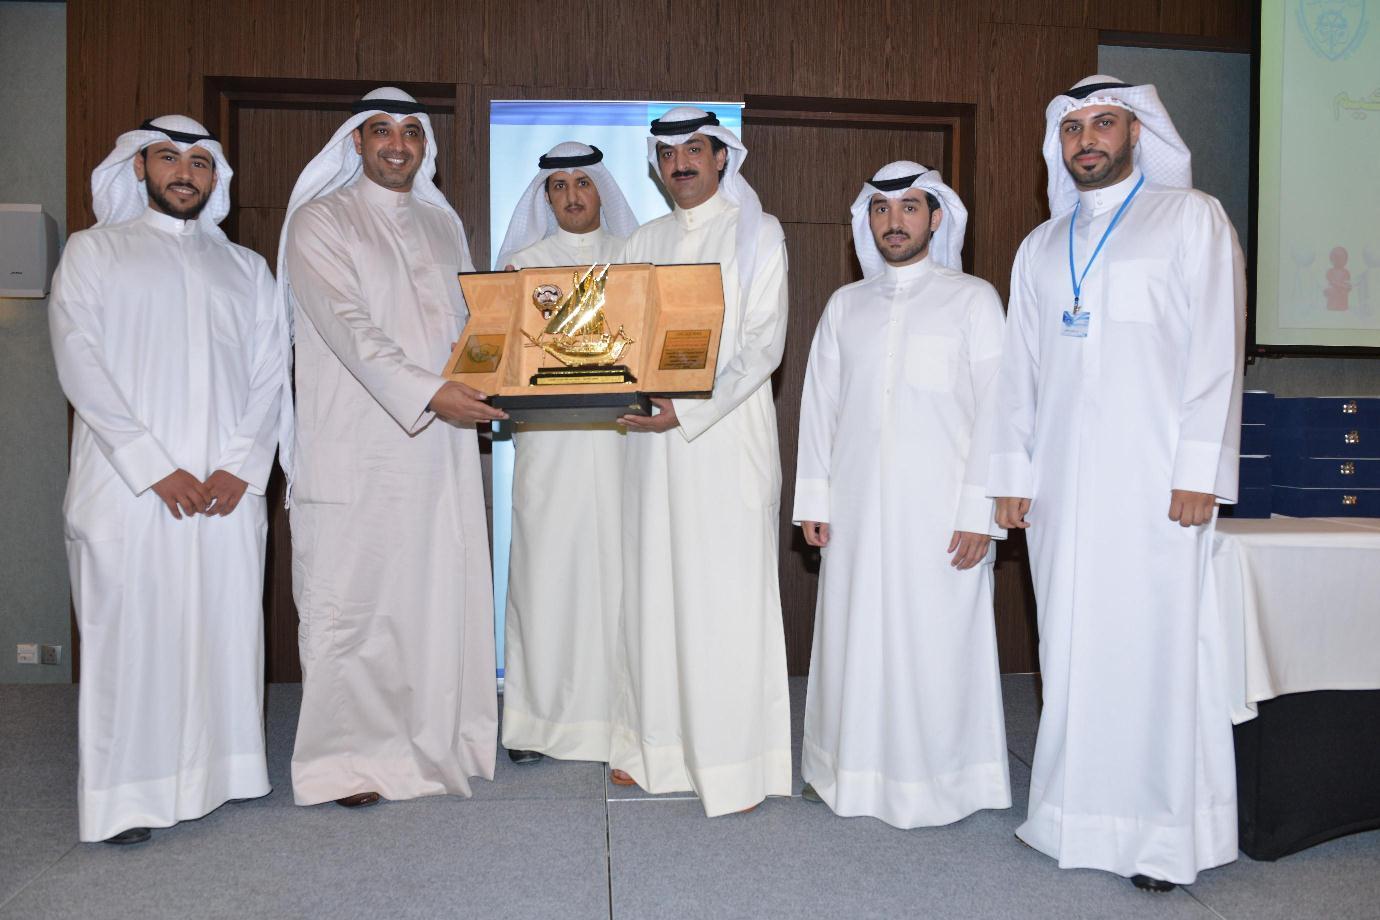 المبارك: الشباب الكويتي اثبت قدرته على الابداع وتحقيق طموحاته بجد واجتهاد